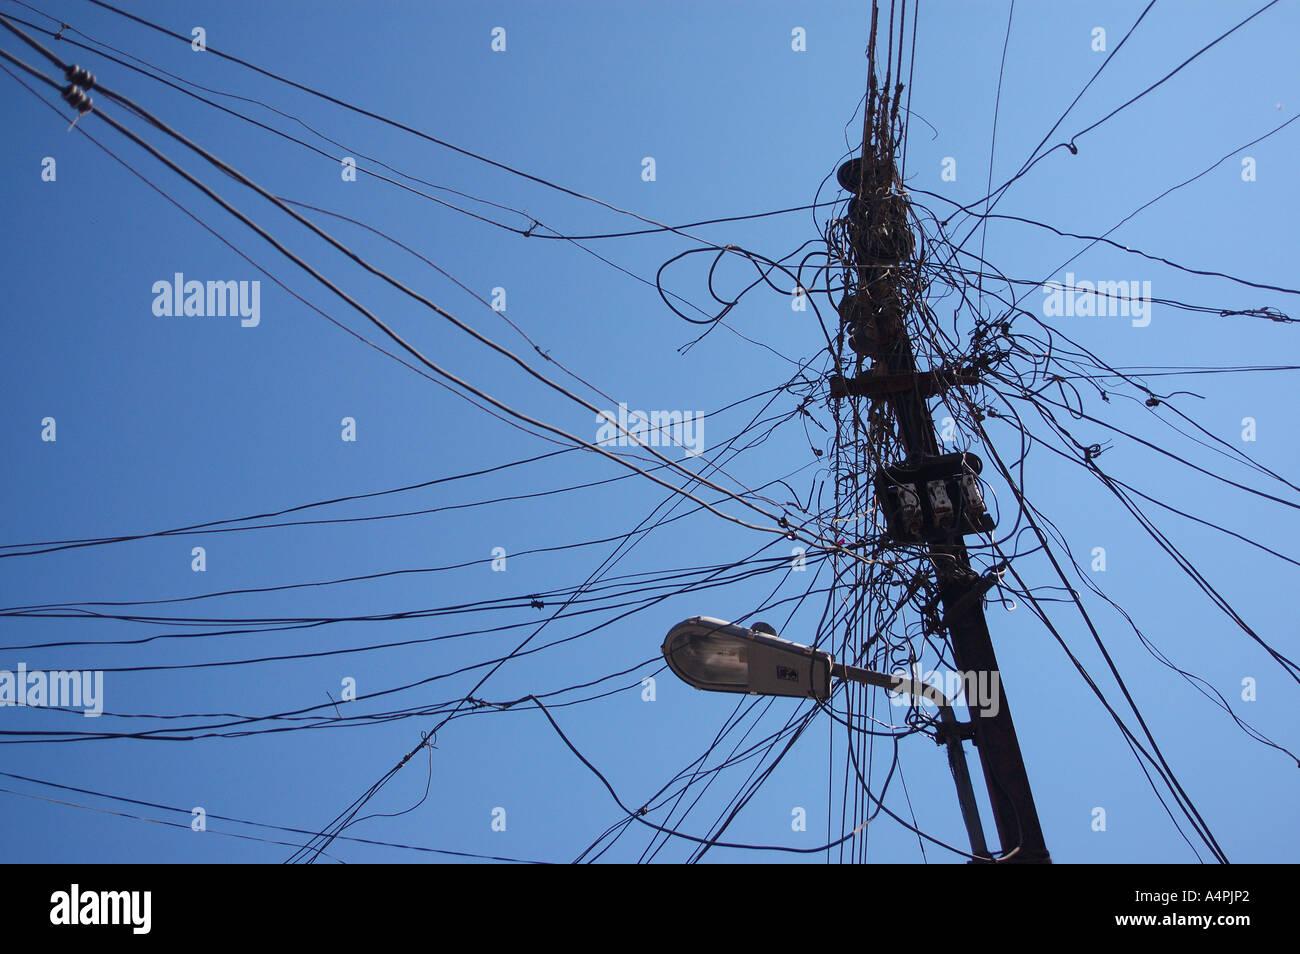 Asiatische Stehle elektrizität mast und straße licht komplizierte verkabelung auf der